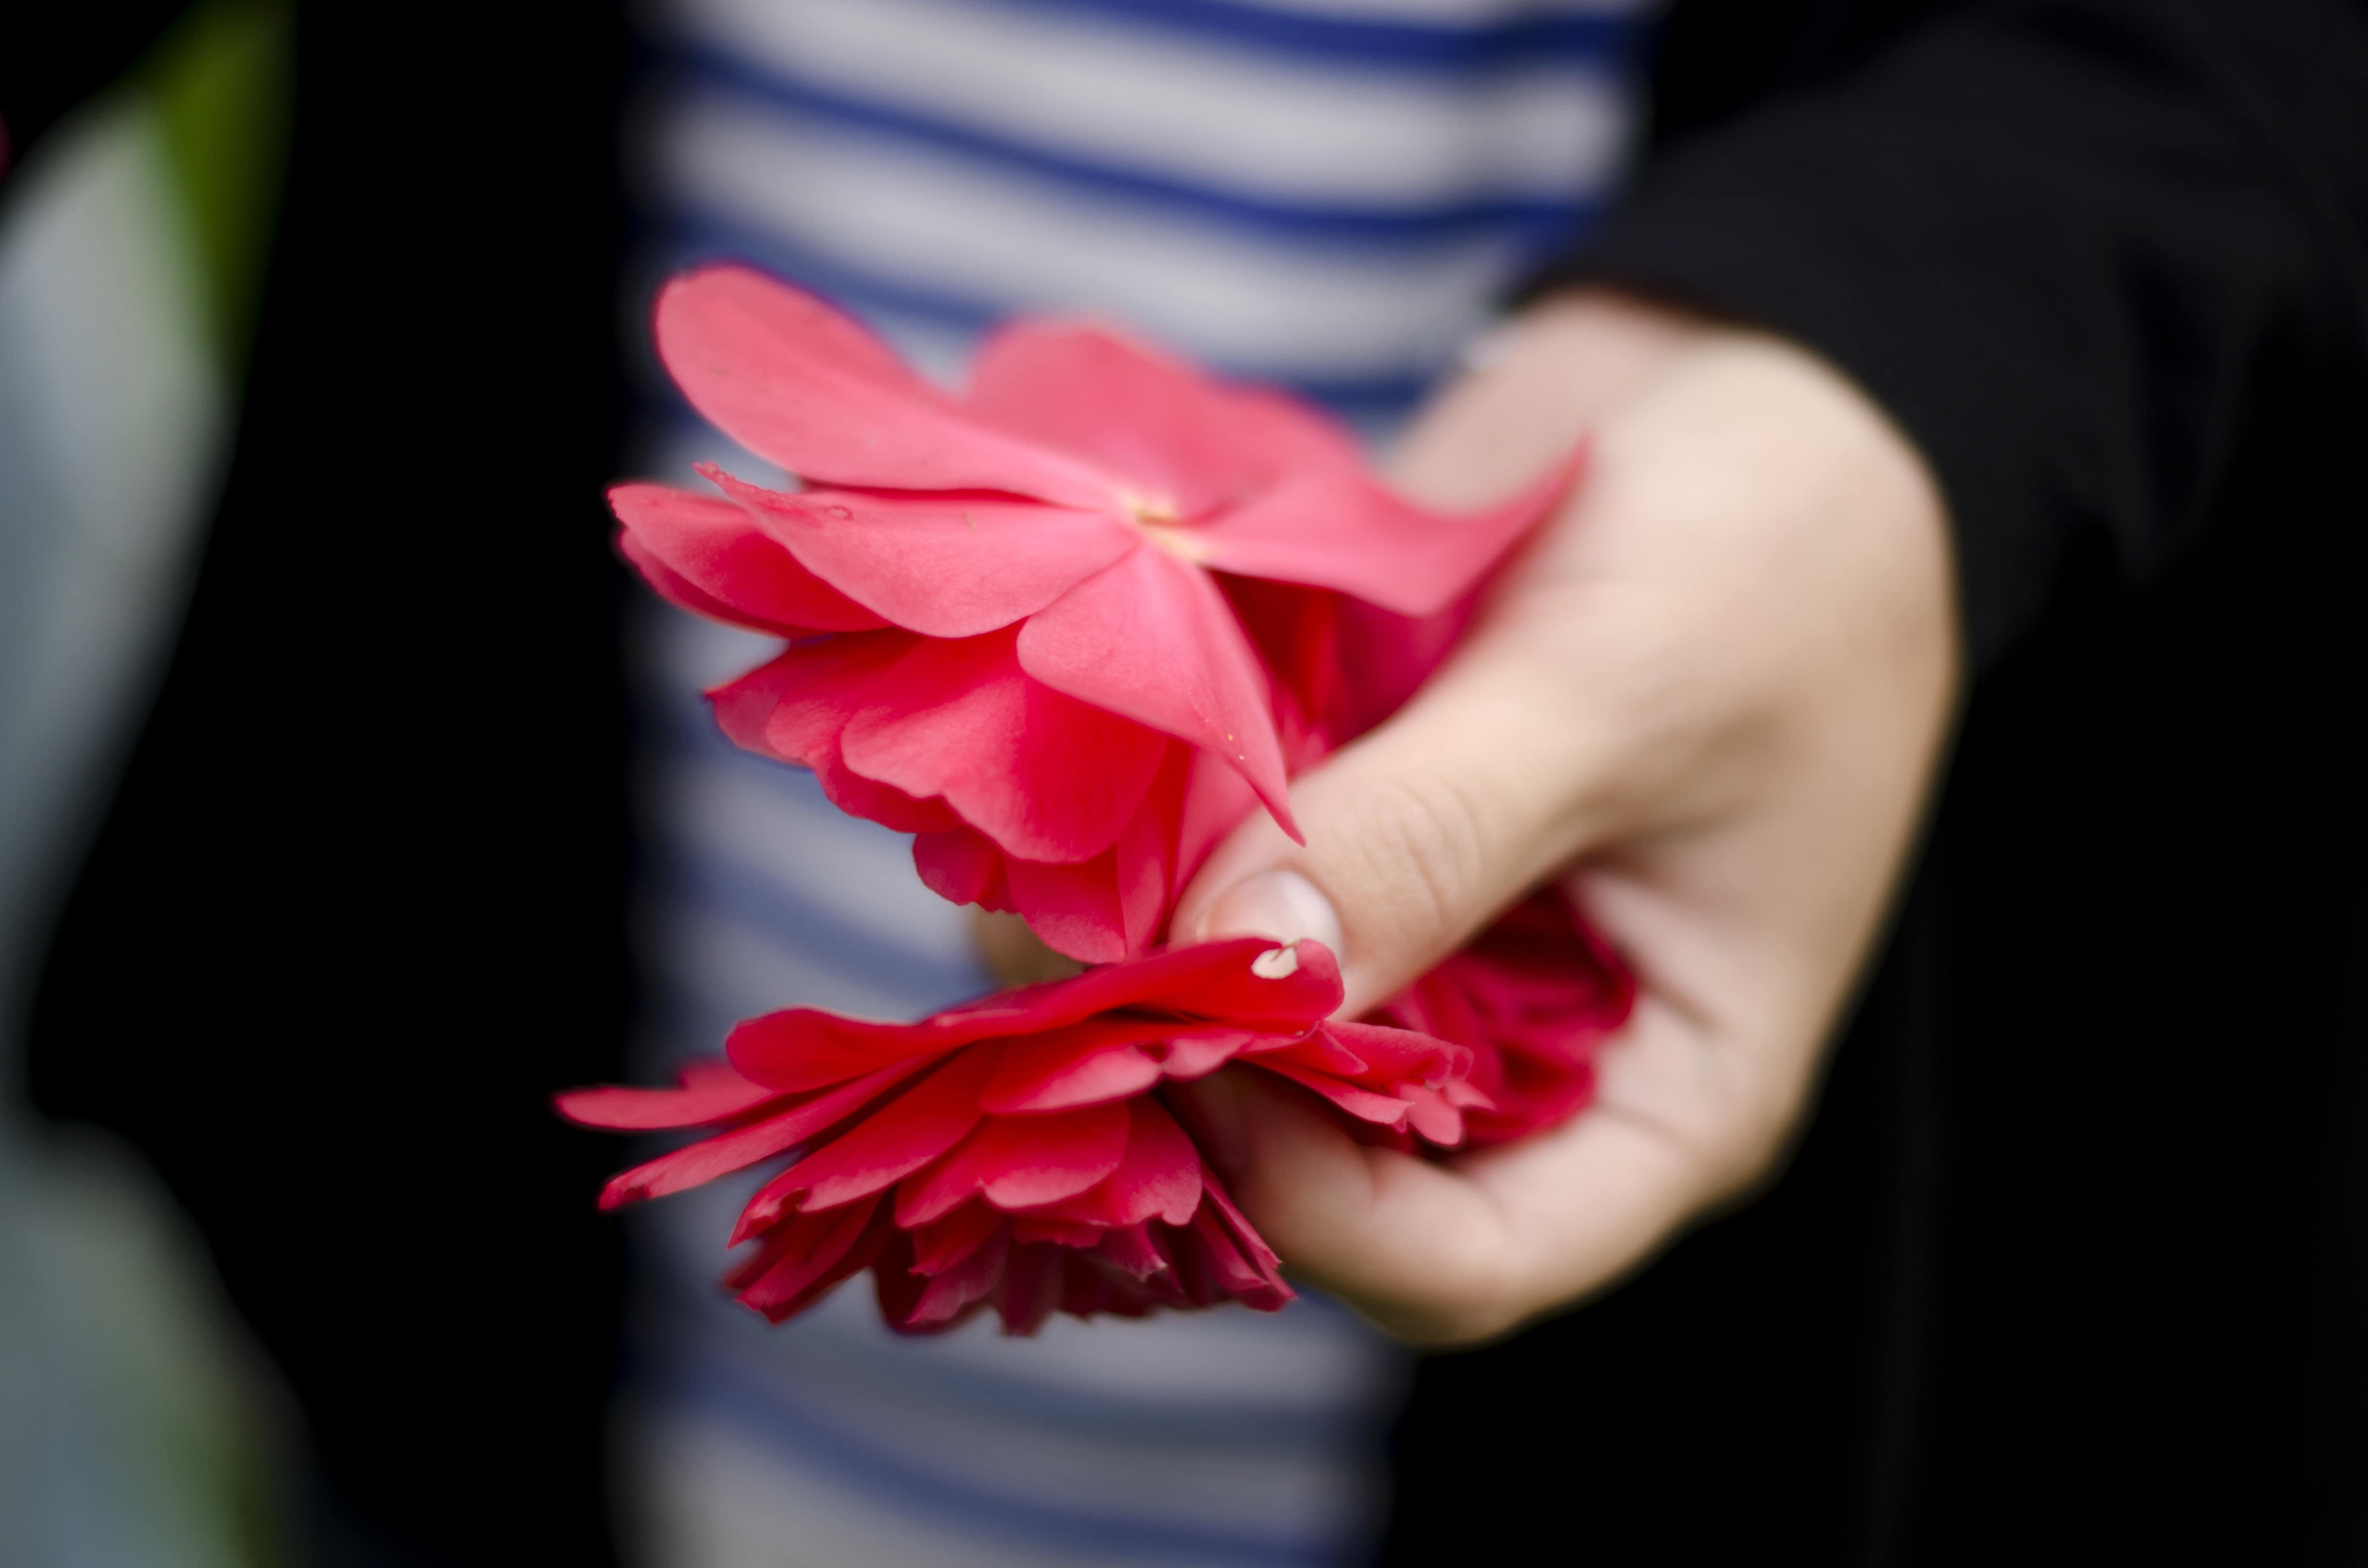 A handful of petals